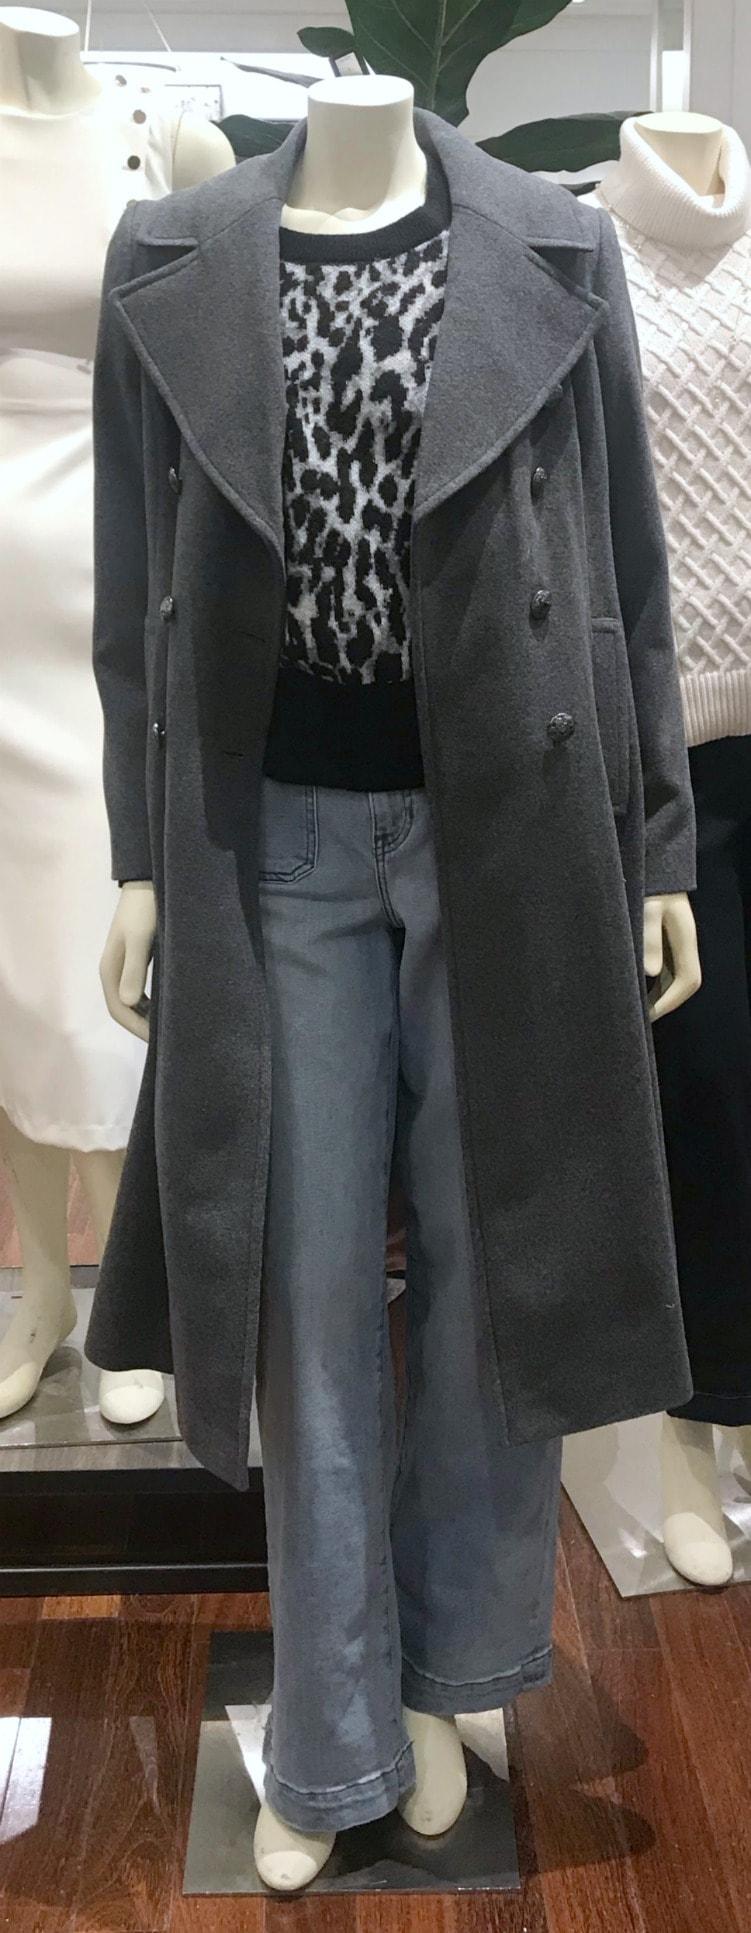 gray reefer coat from Banana Republic